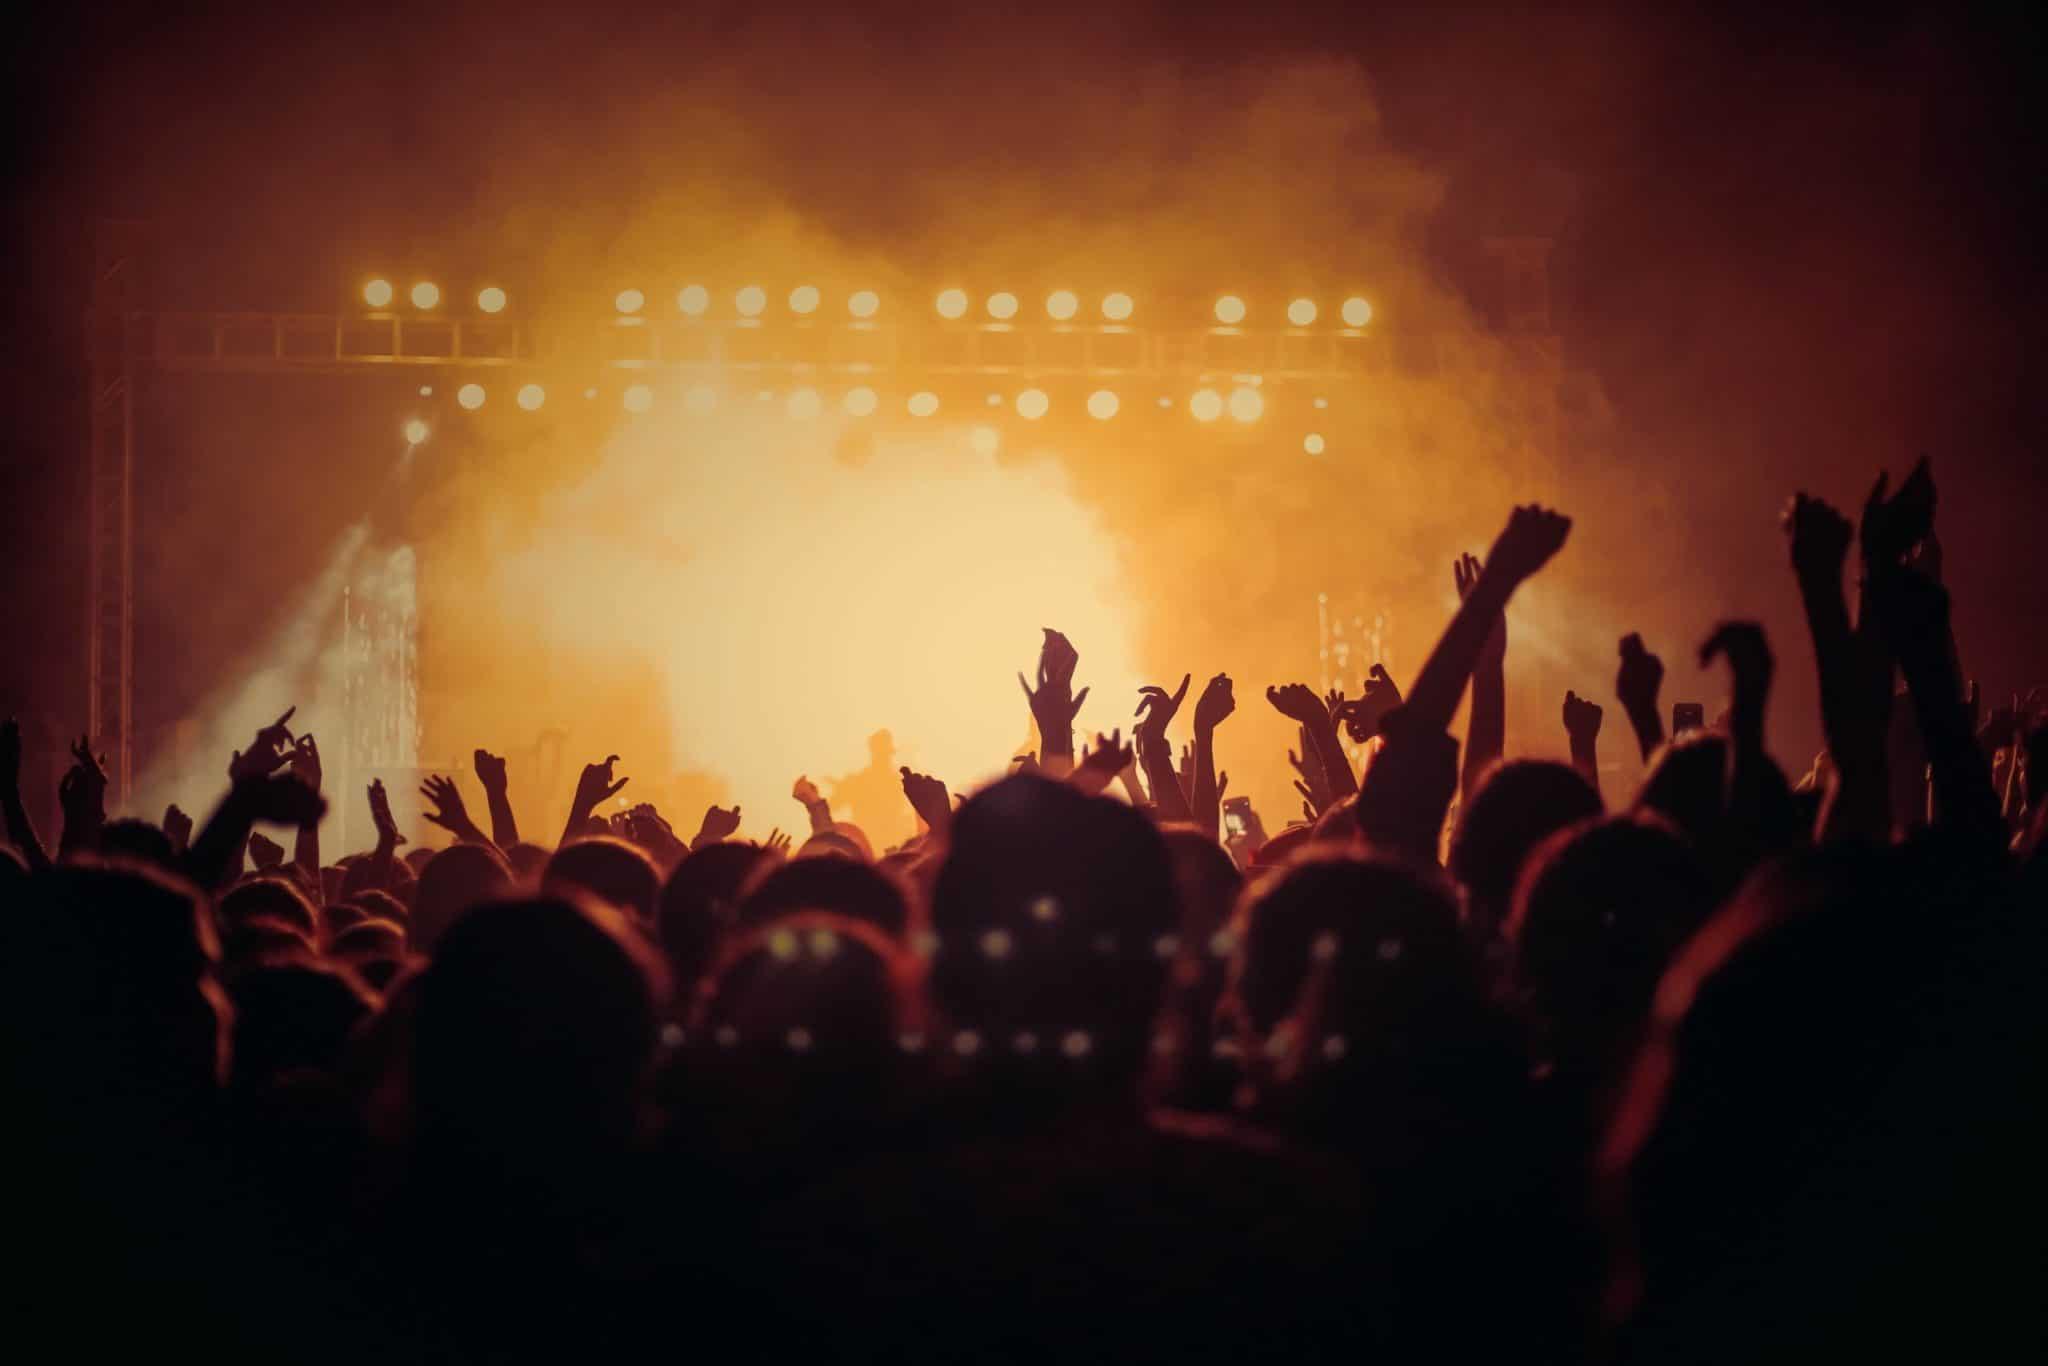 Wir zeigen Rekorde aus der Musikwelt